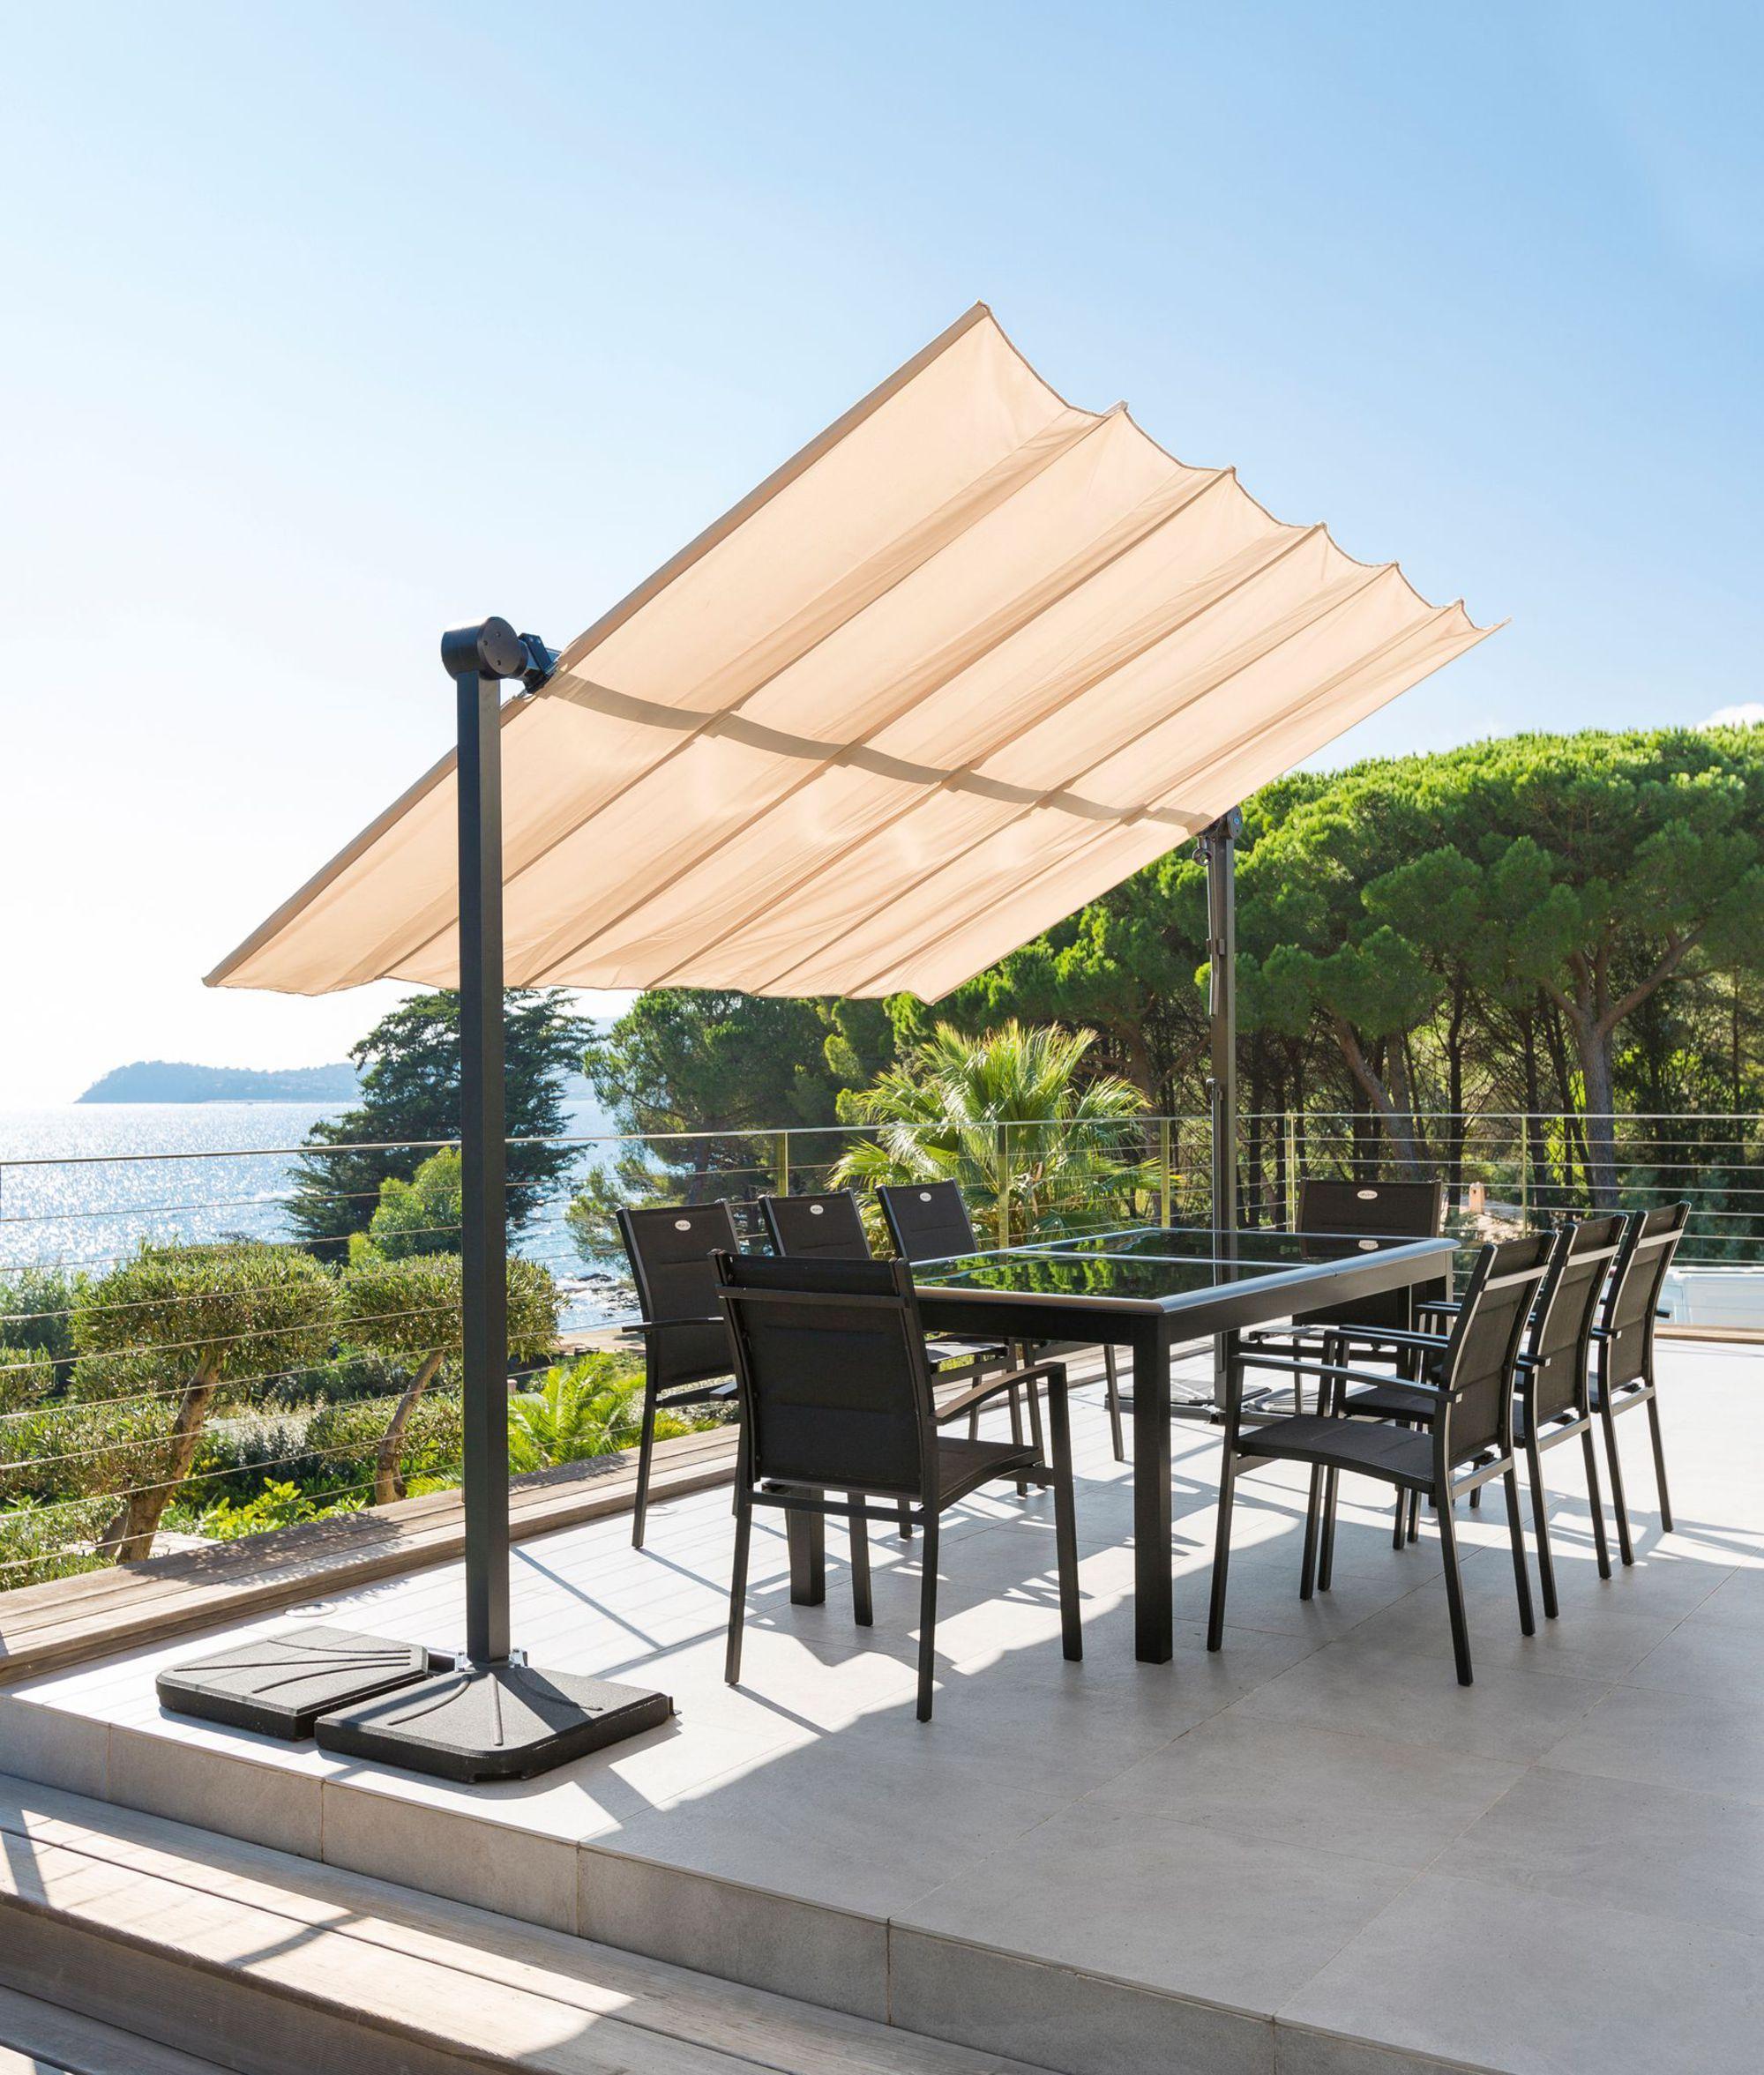 Store Terrasse | Meuble Jardin, Mobilier Jardin Et Parasol ... encequiconcerne Store De Jardin Double Pente